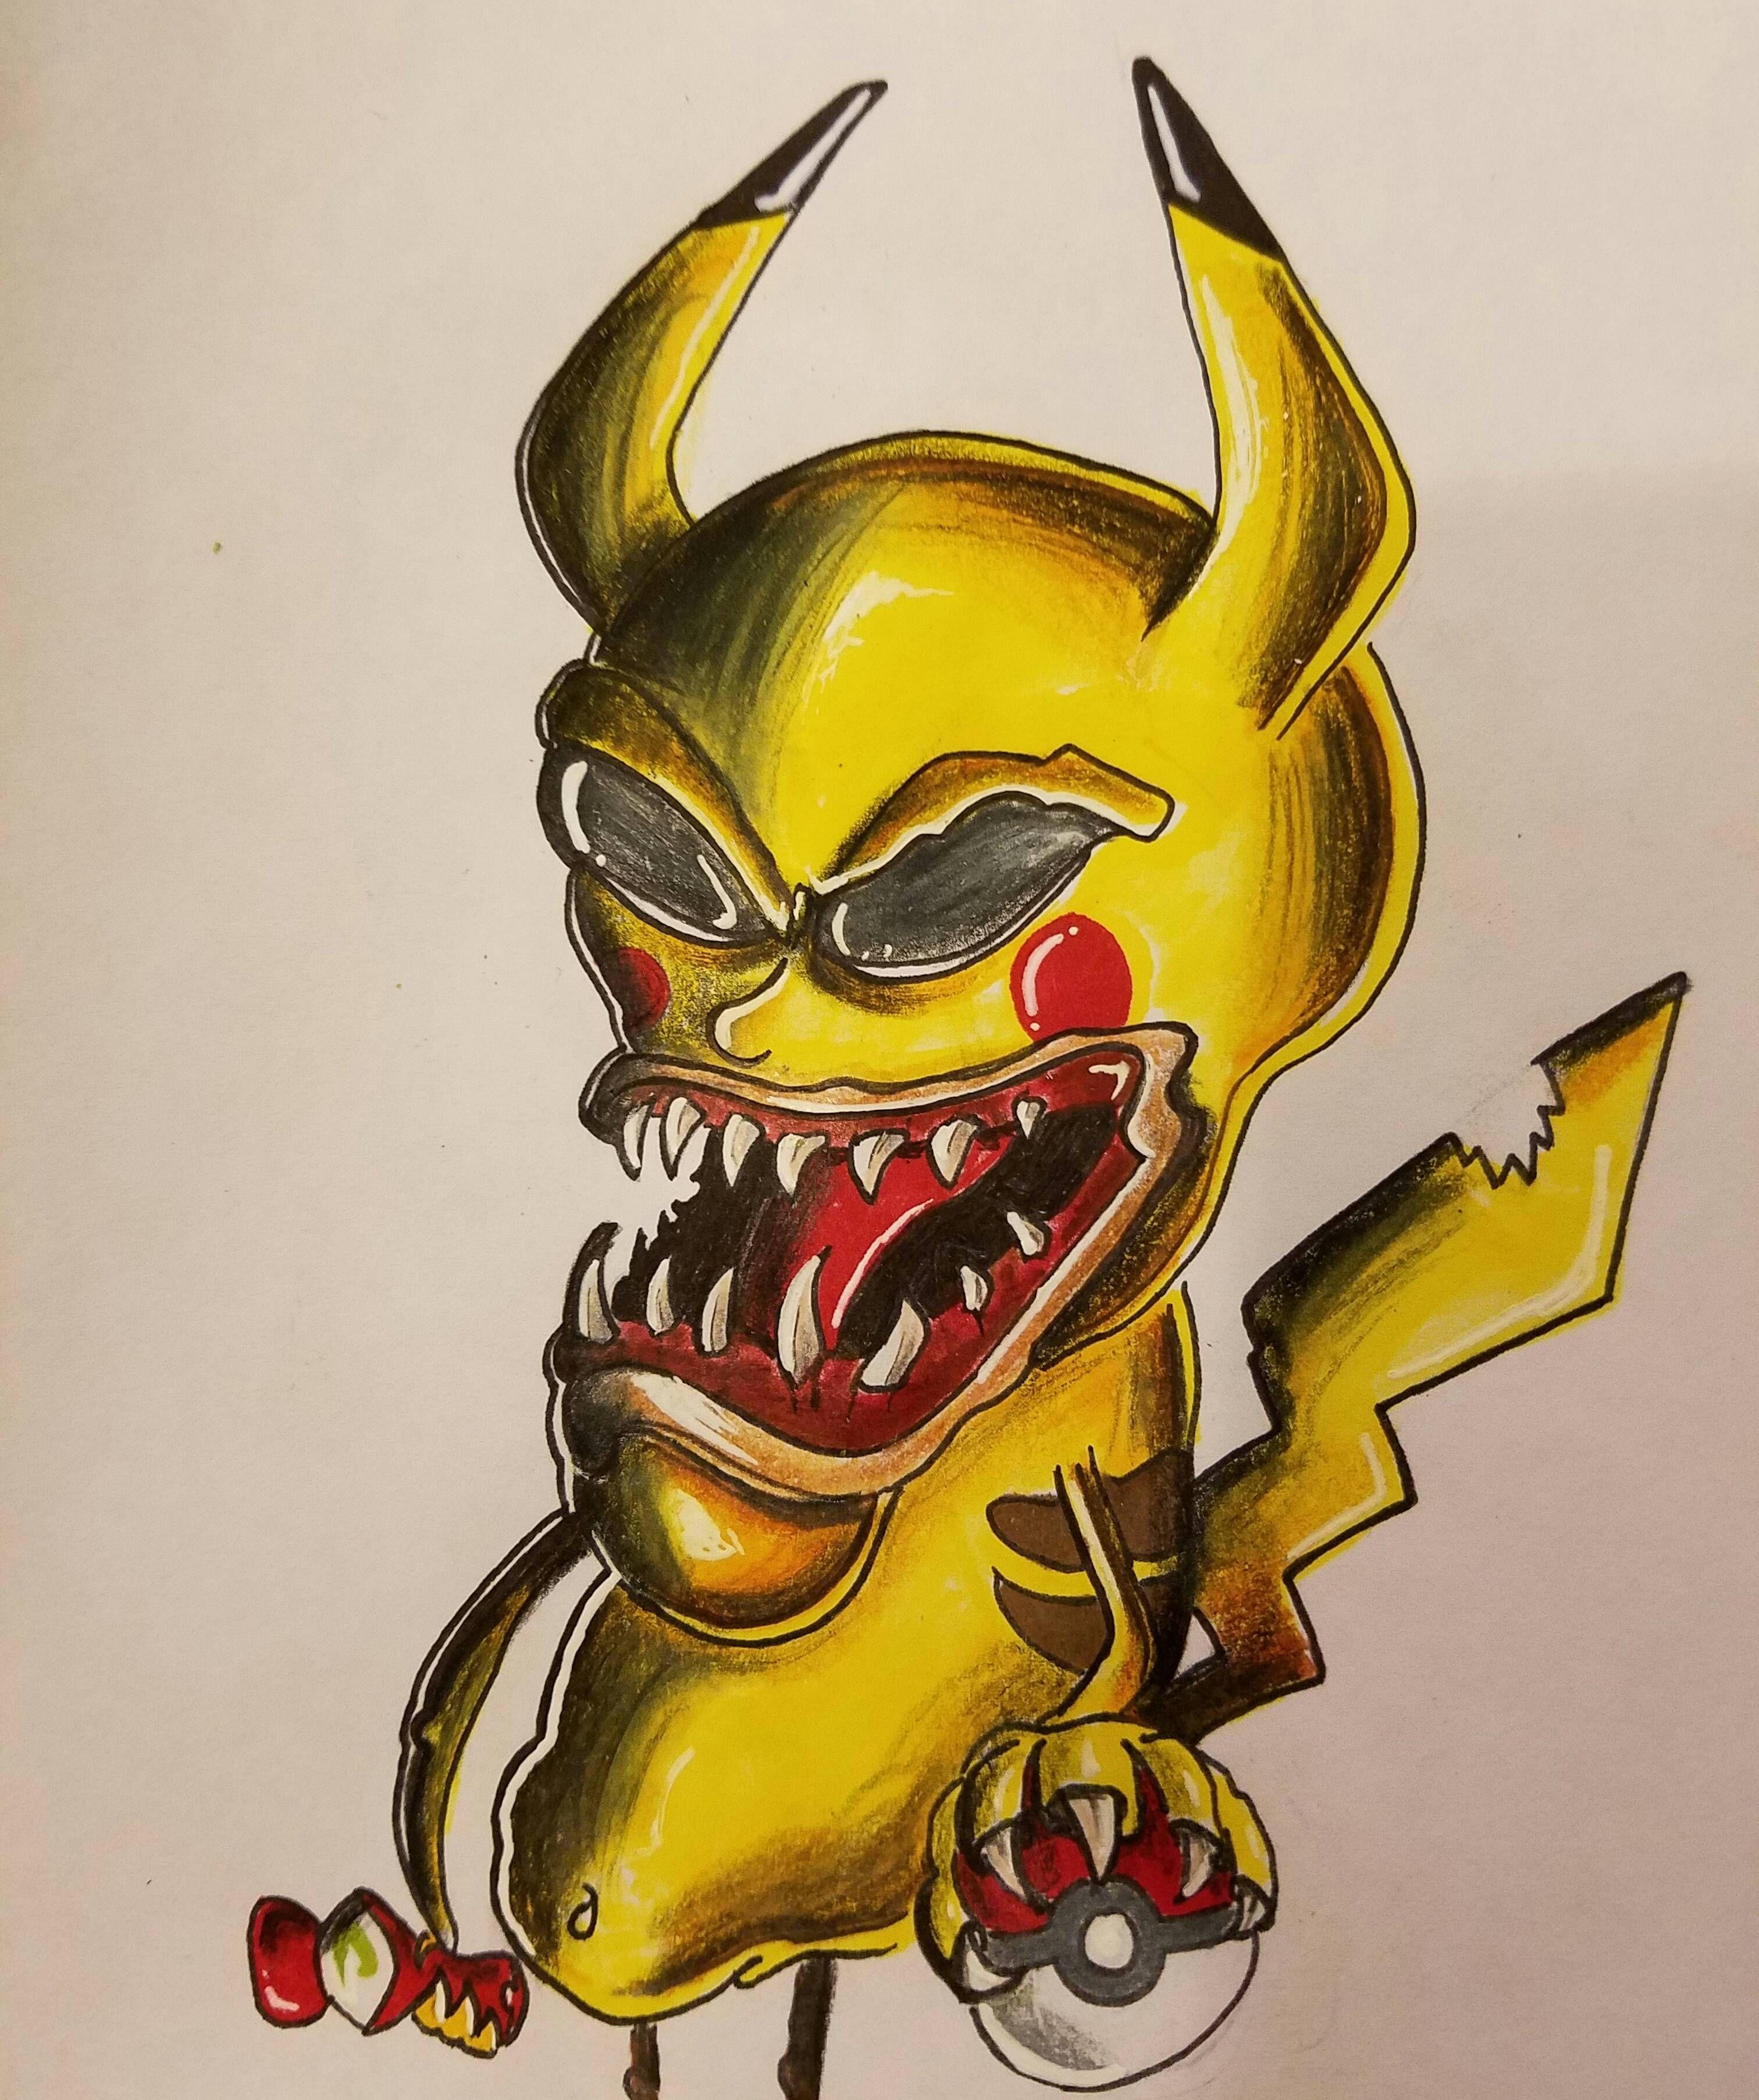 Evil pikachu drawing